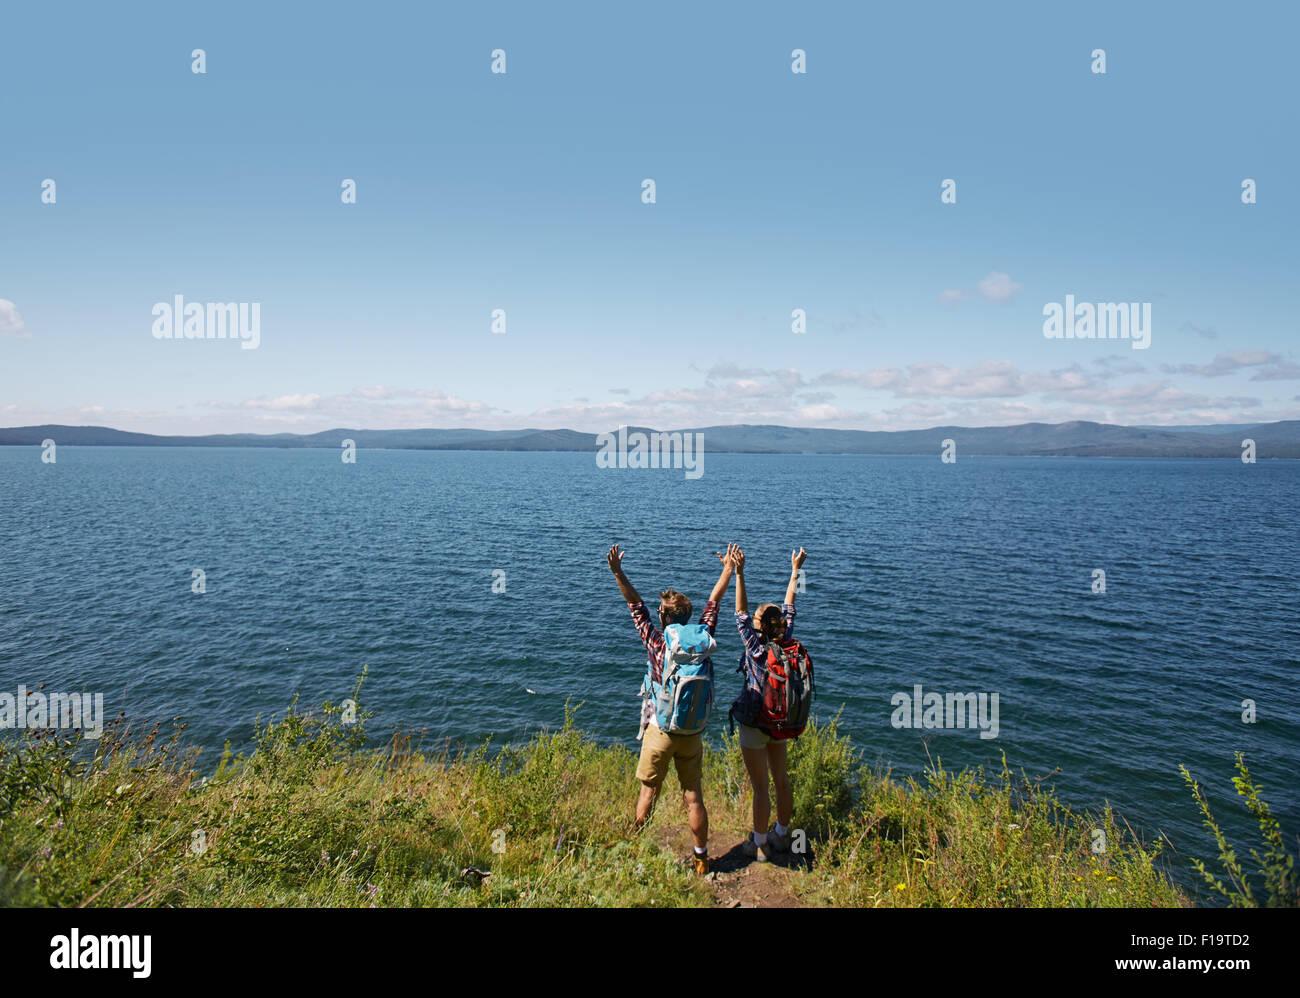 Estasiati escursionisti con bracci sollevati in piedi vicino al mare Immagini Stock